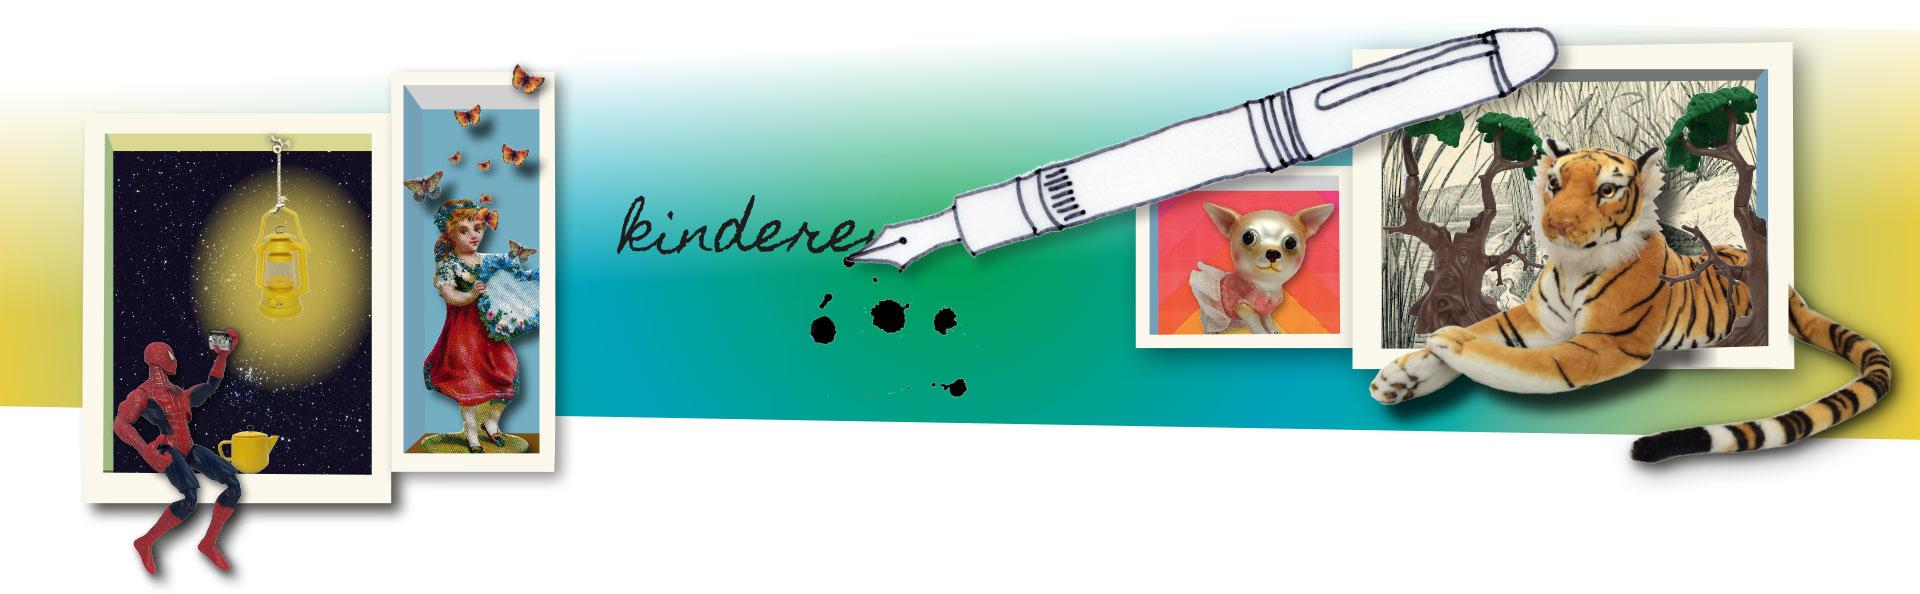 frisseblik-banner4